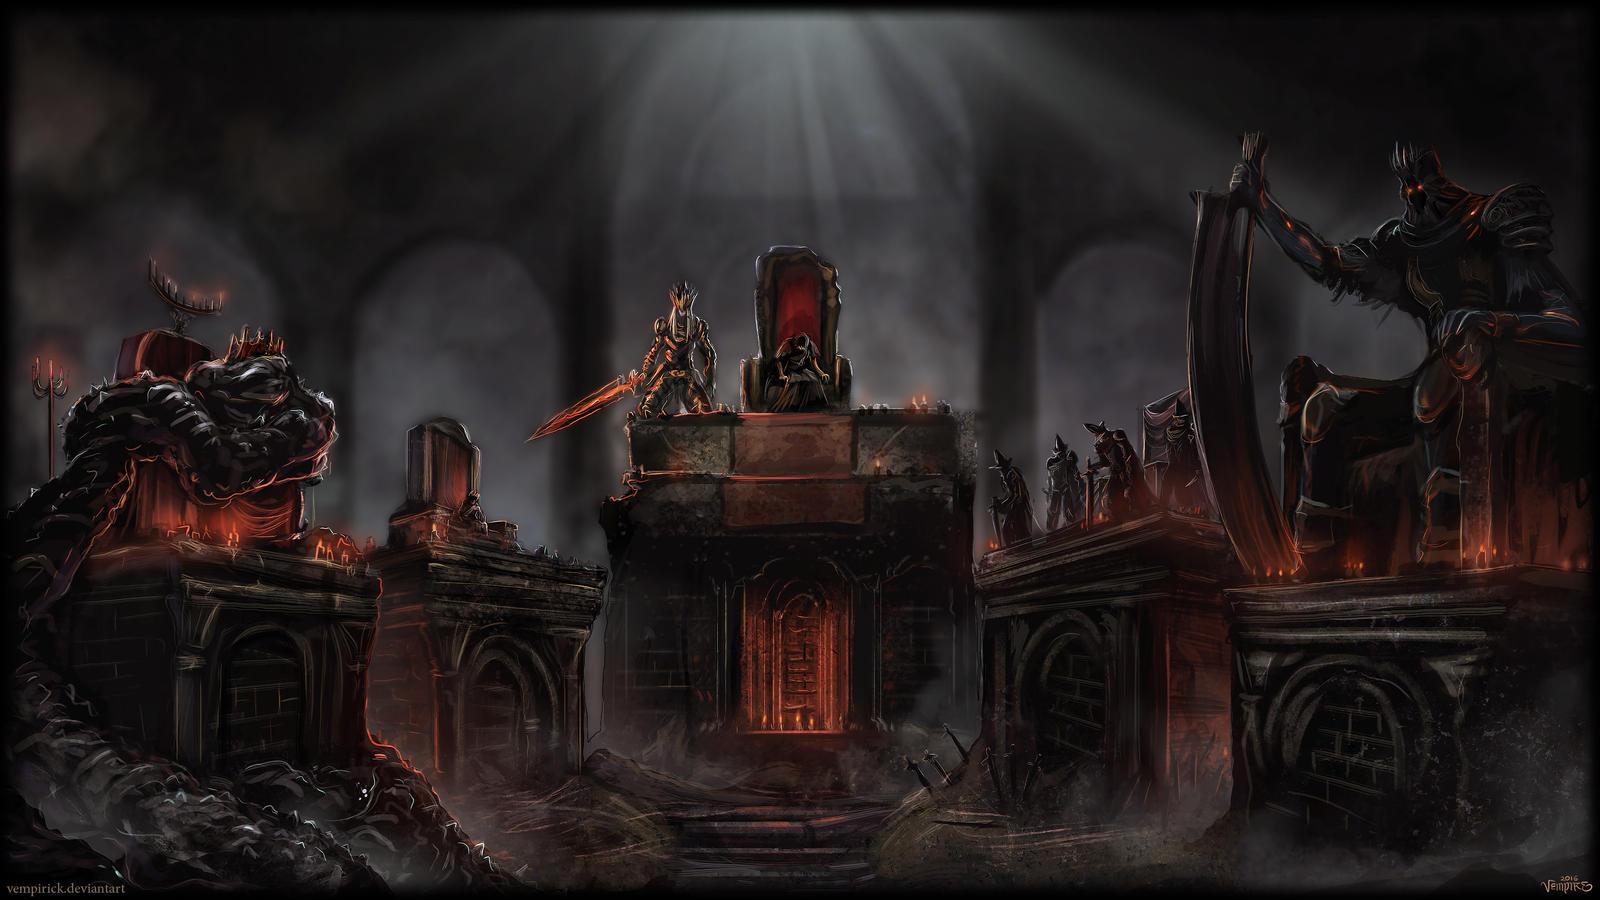 Soul Of Cinder Fan Art: The Lords Of Cinder, V2 By Vempirick On DeviantArt